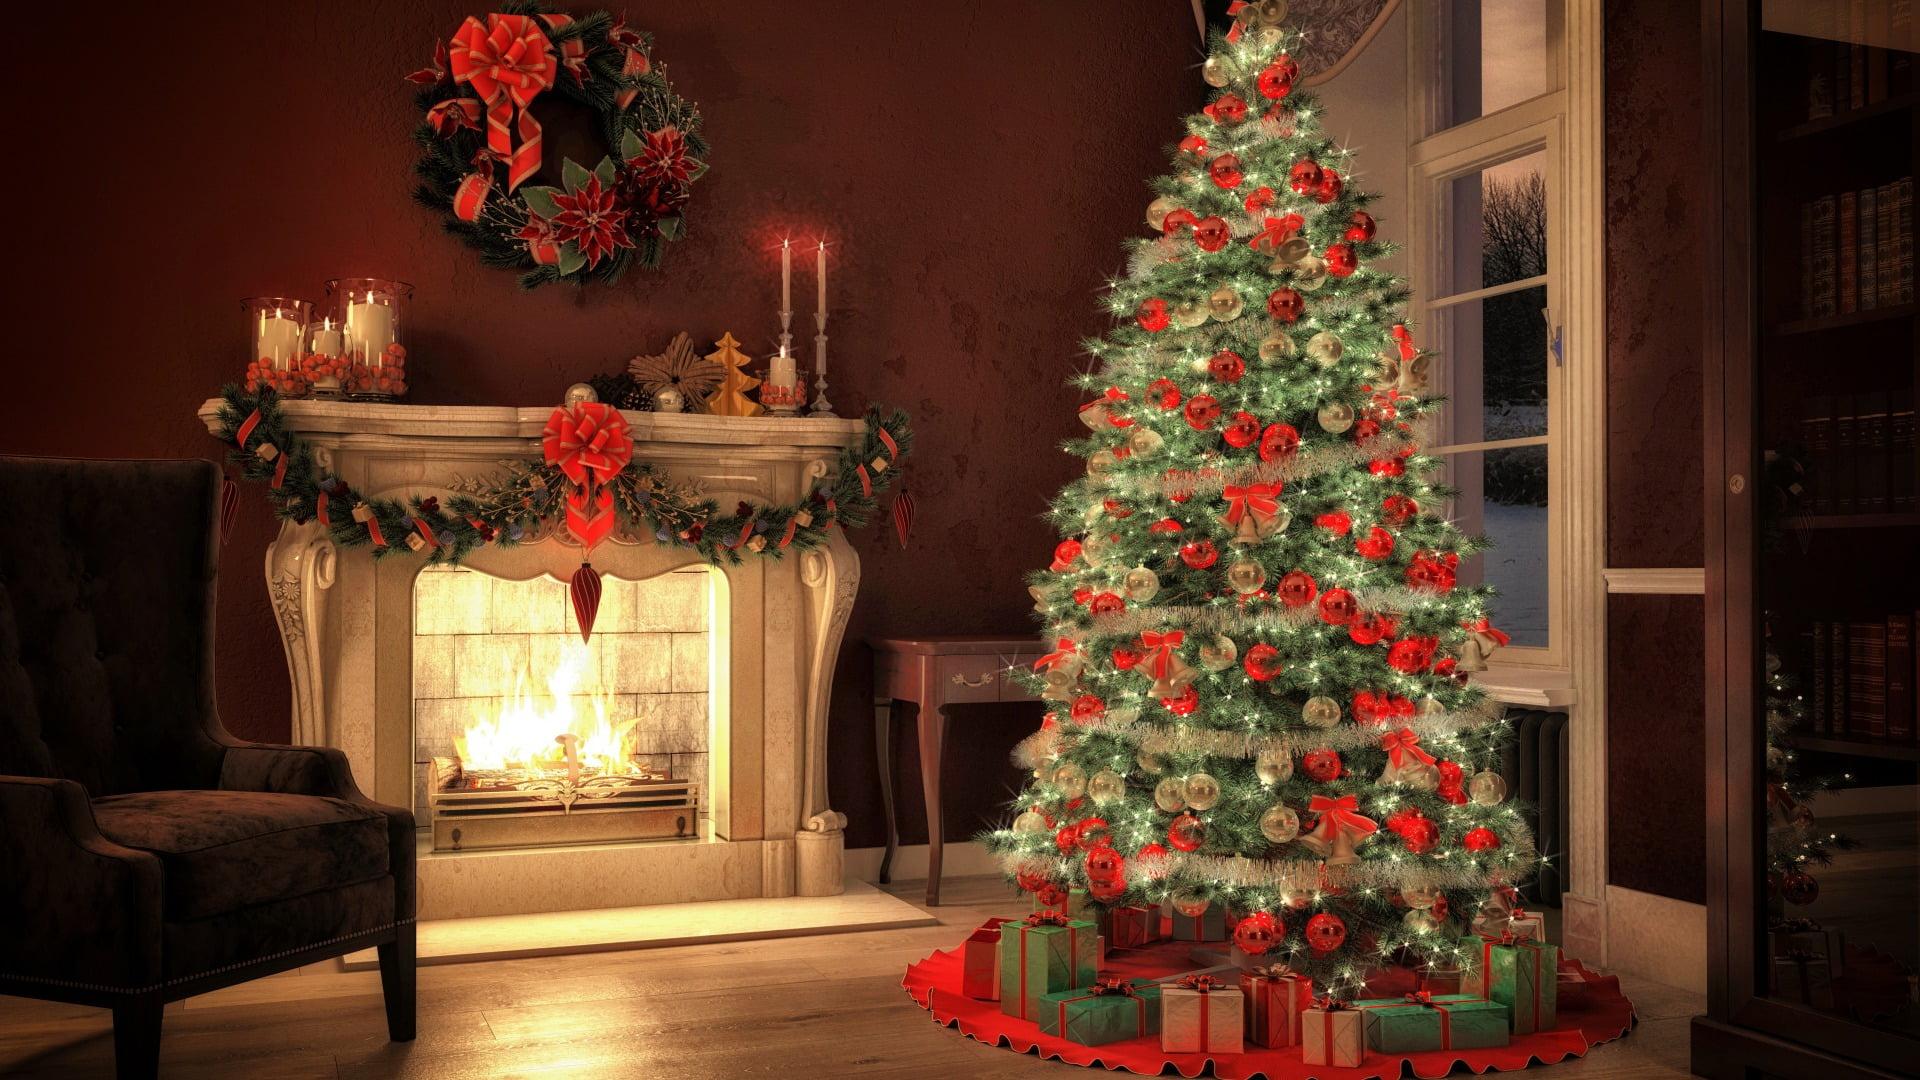 Green Christmas tree and Christmas ornament lot Christmas tree 1920x1080